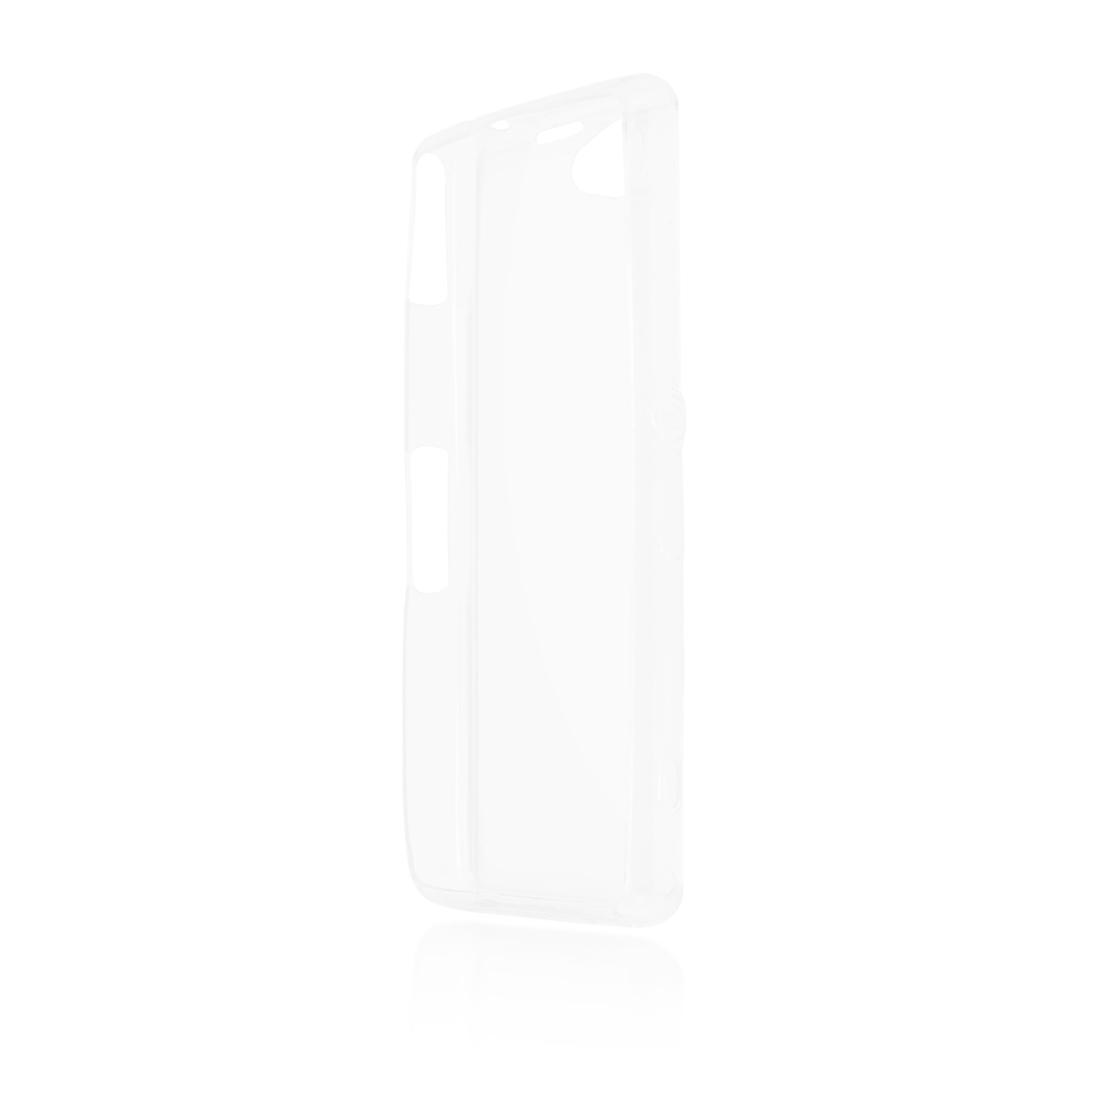 купить Чехол Brosco для Sony Xperia Z1 Compact, прозрачный онлайн